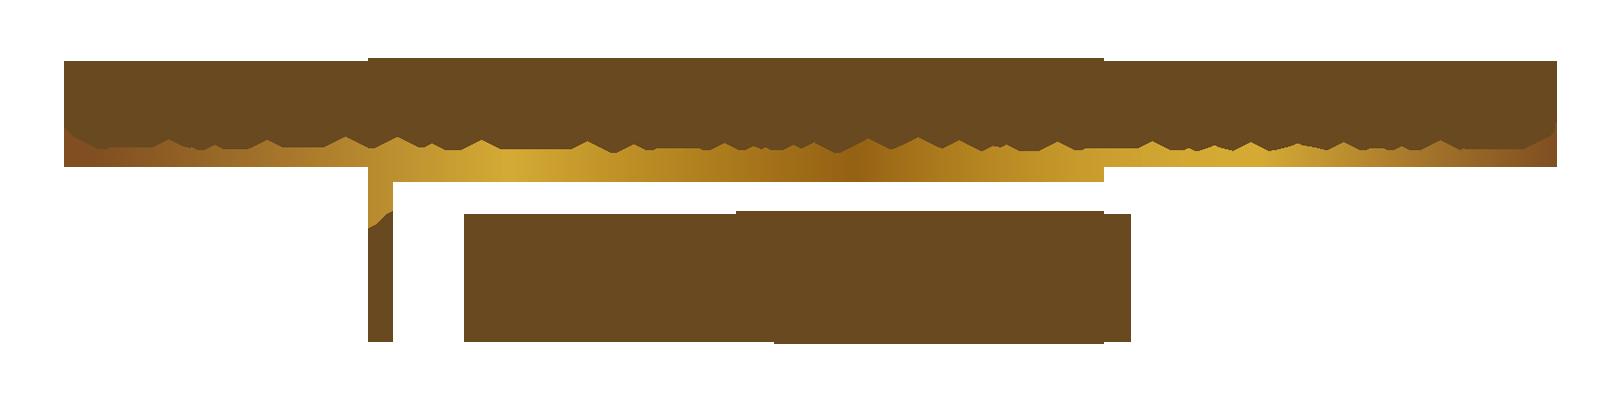 2018世紀21奇豐(國際)大灣區投資講座登記表格